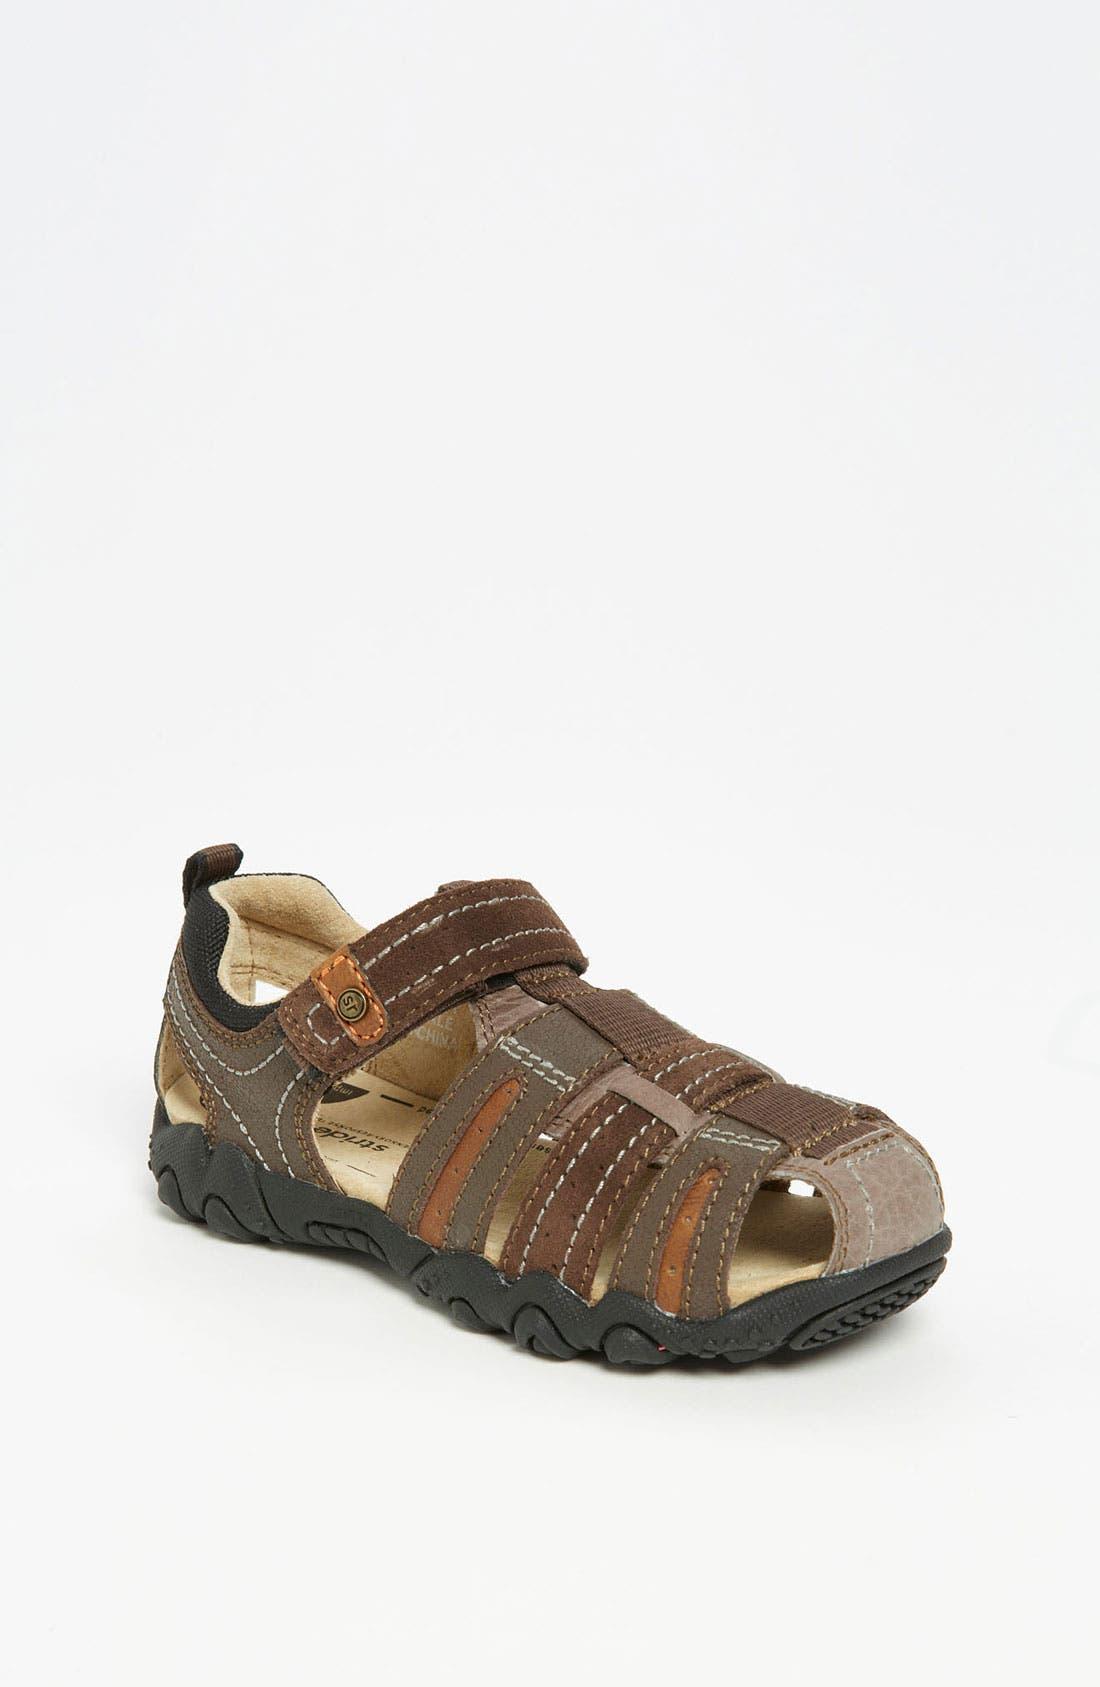 Alternate Image 1 Selected - Stride Rite 'Ericson' Sandal (Toddler & Little Kid)